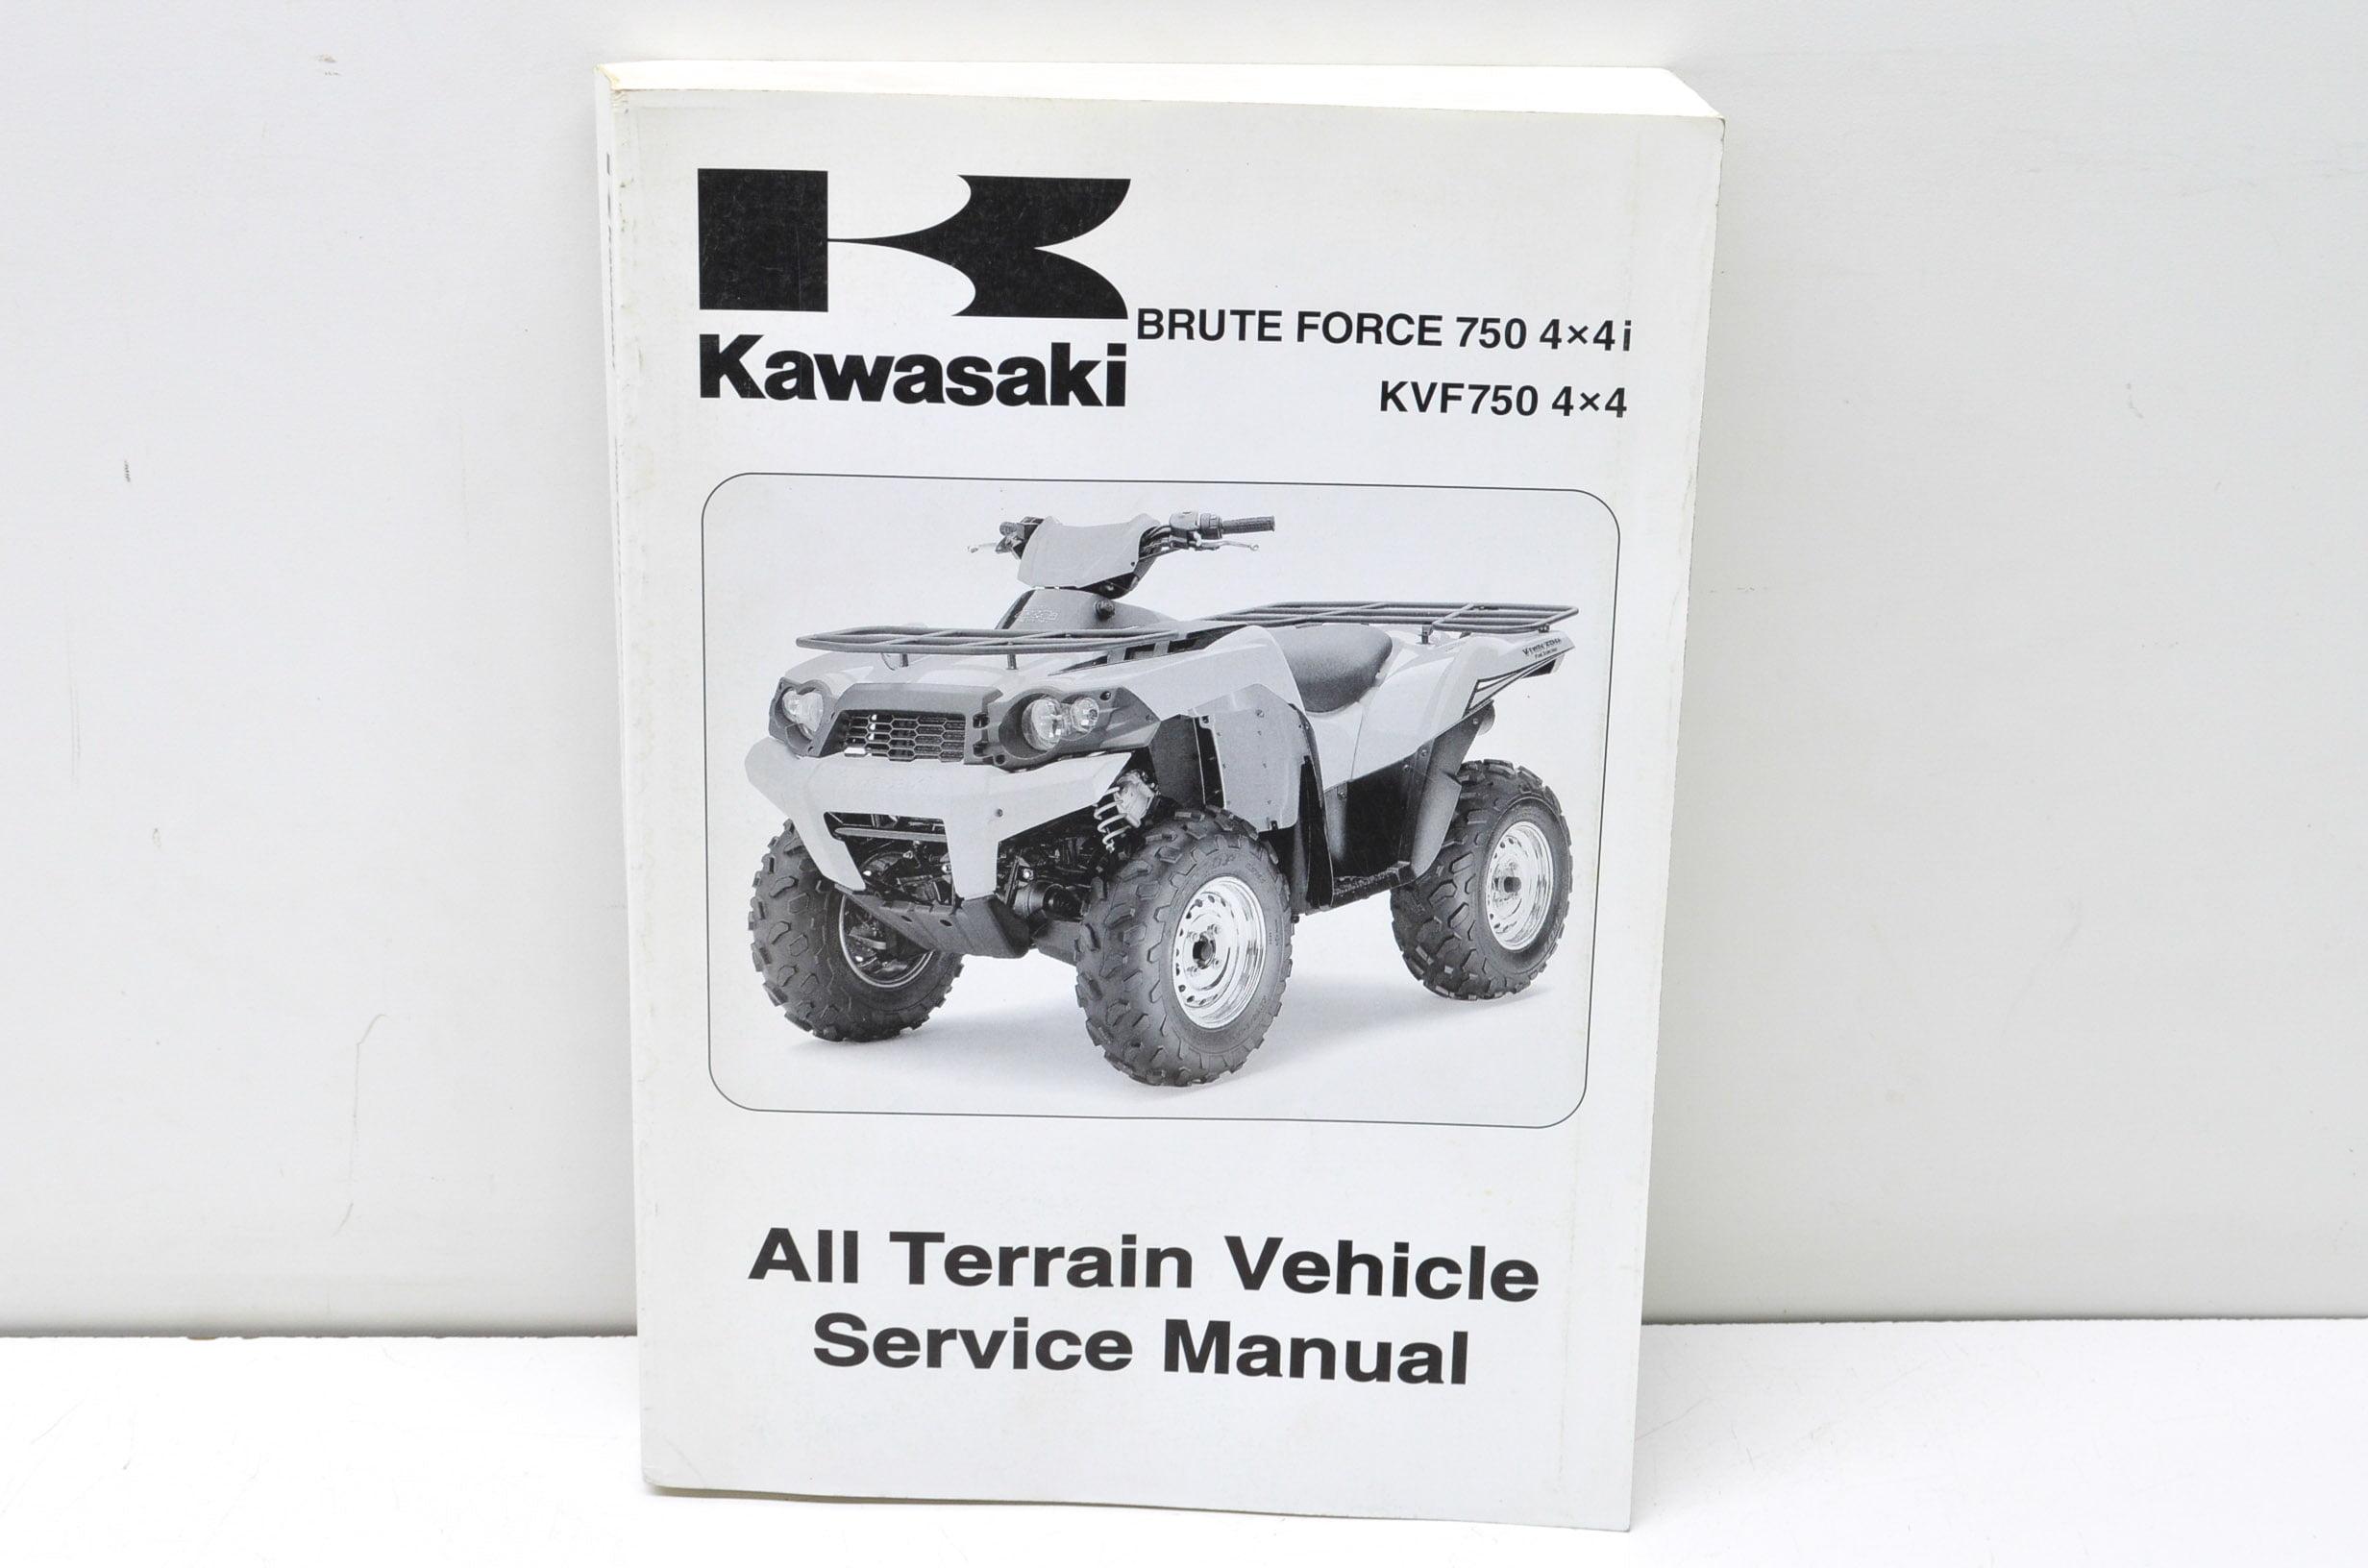 Kawasaki 99924-1394-01 2008 Brute Force 750 4x4i, KVF750 4x4 Service Manual  QTY 1 - Walmart.com